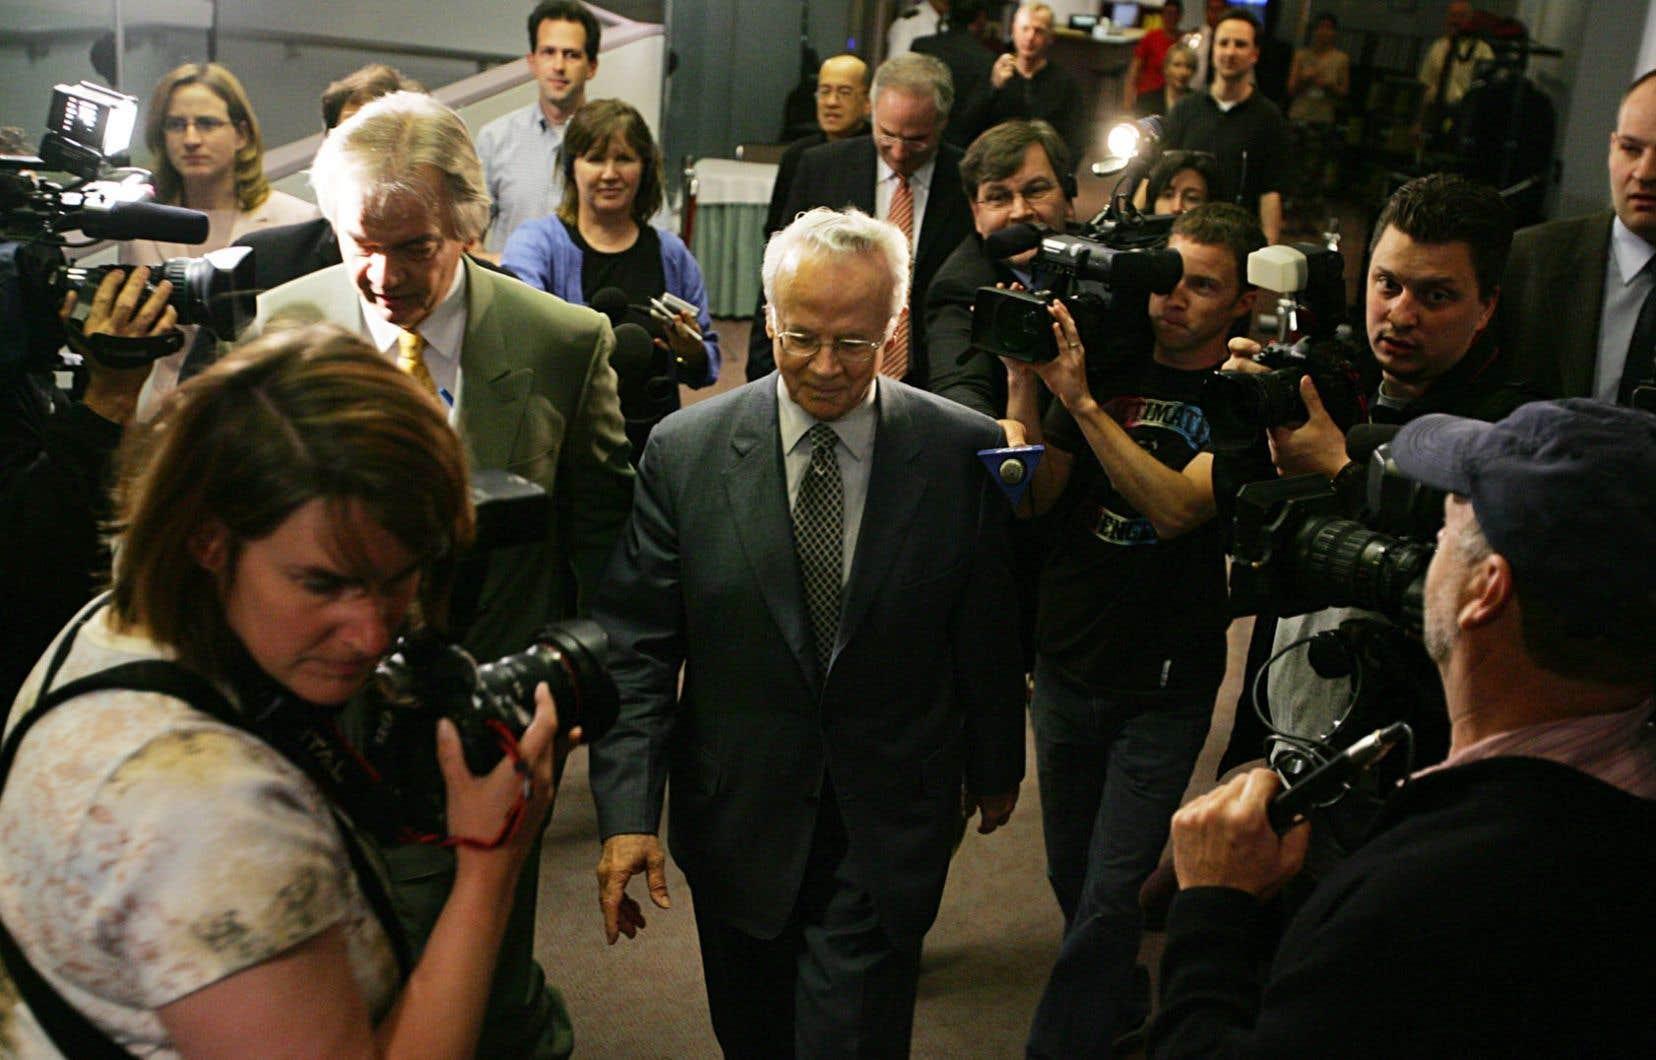 Jacques Corriveau était de passage à la commission Gomery en 2005. Huit ans plus tard, il comparaîtra devant la justice pour des accusations de fraude.